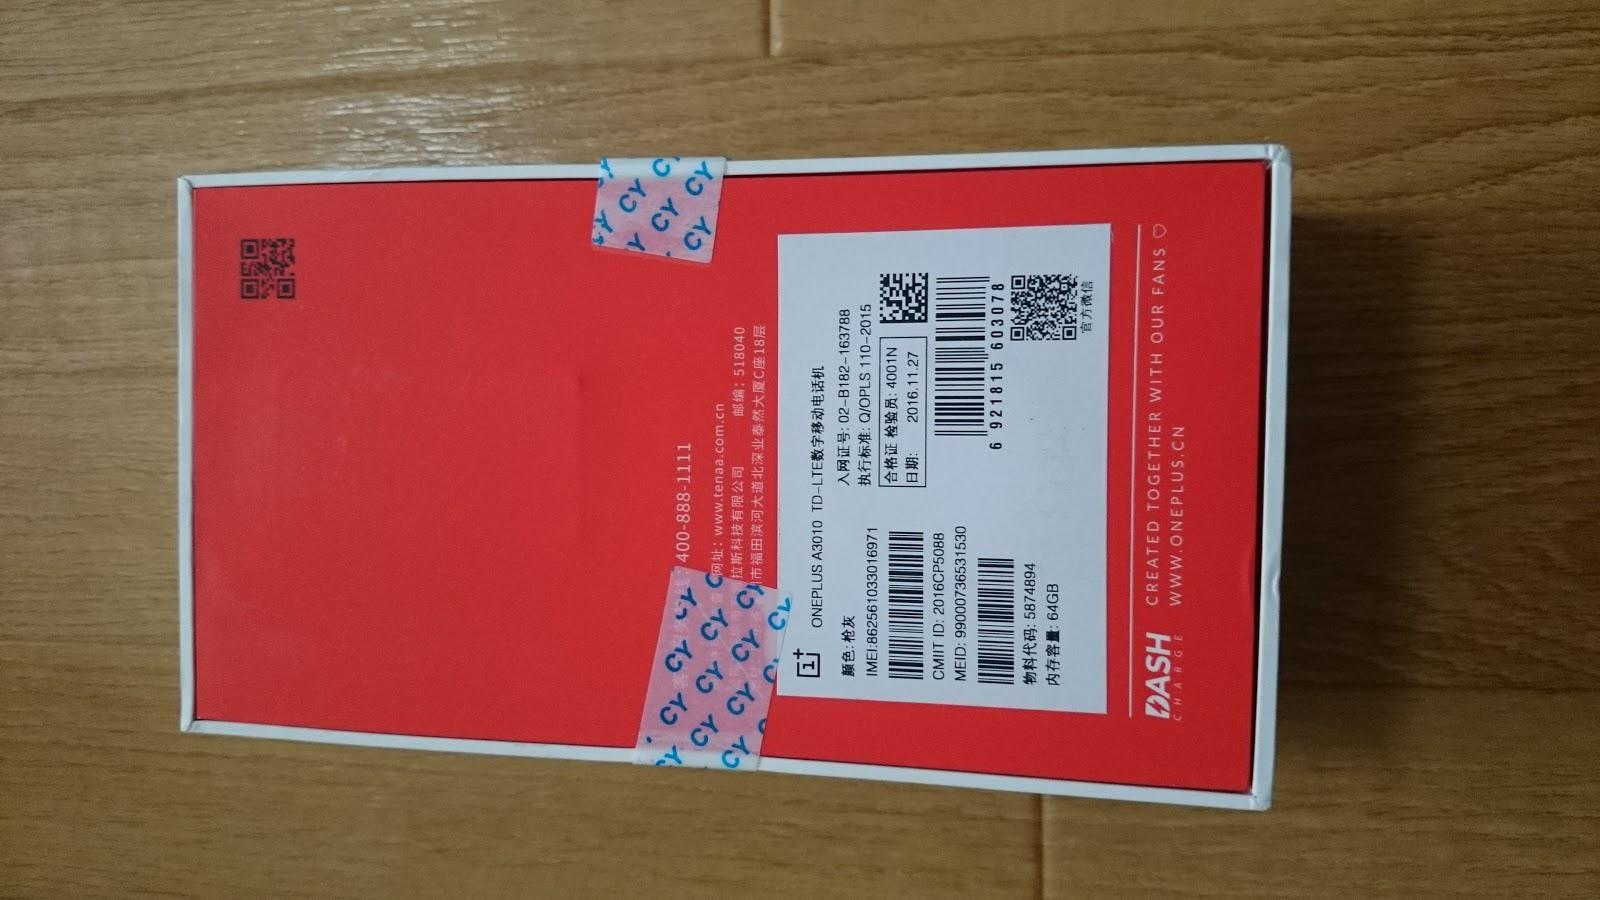 個人的な φ(`д´)メモメモ…: OnePlus3T (A3010) 買うた